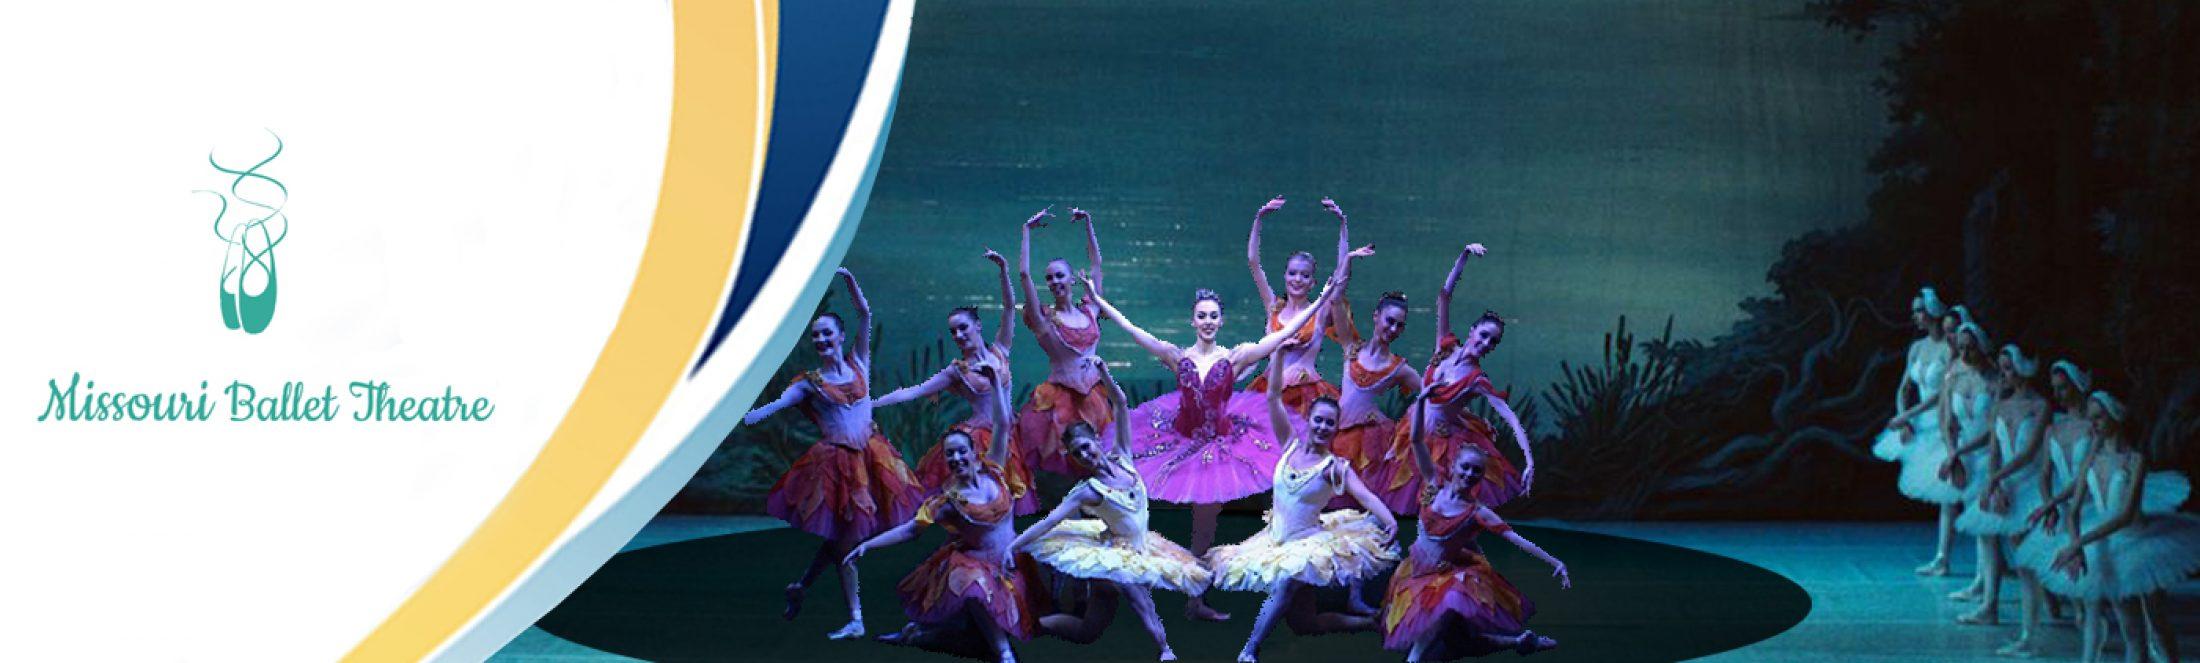 Missouri Ballet Theatre